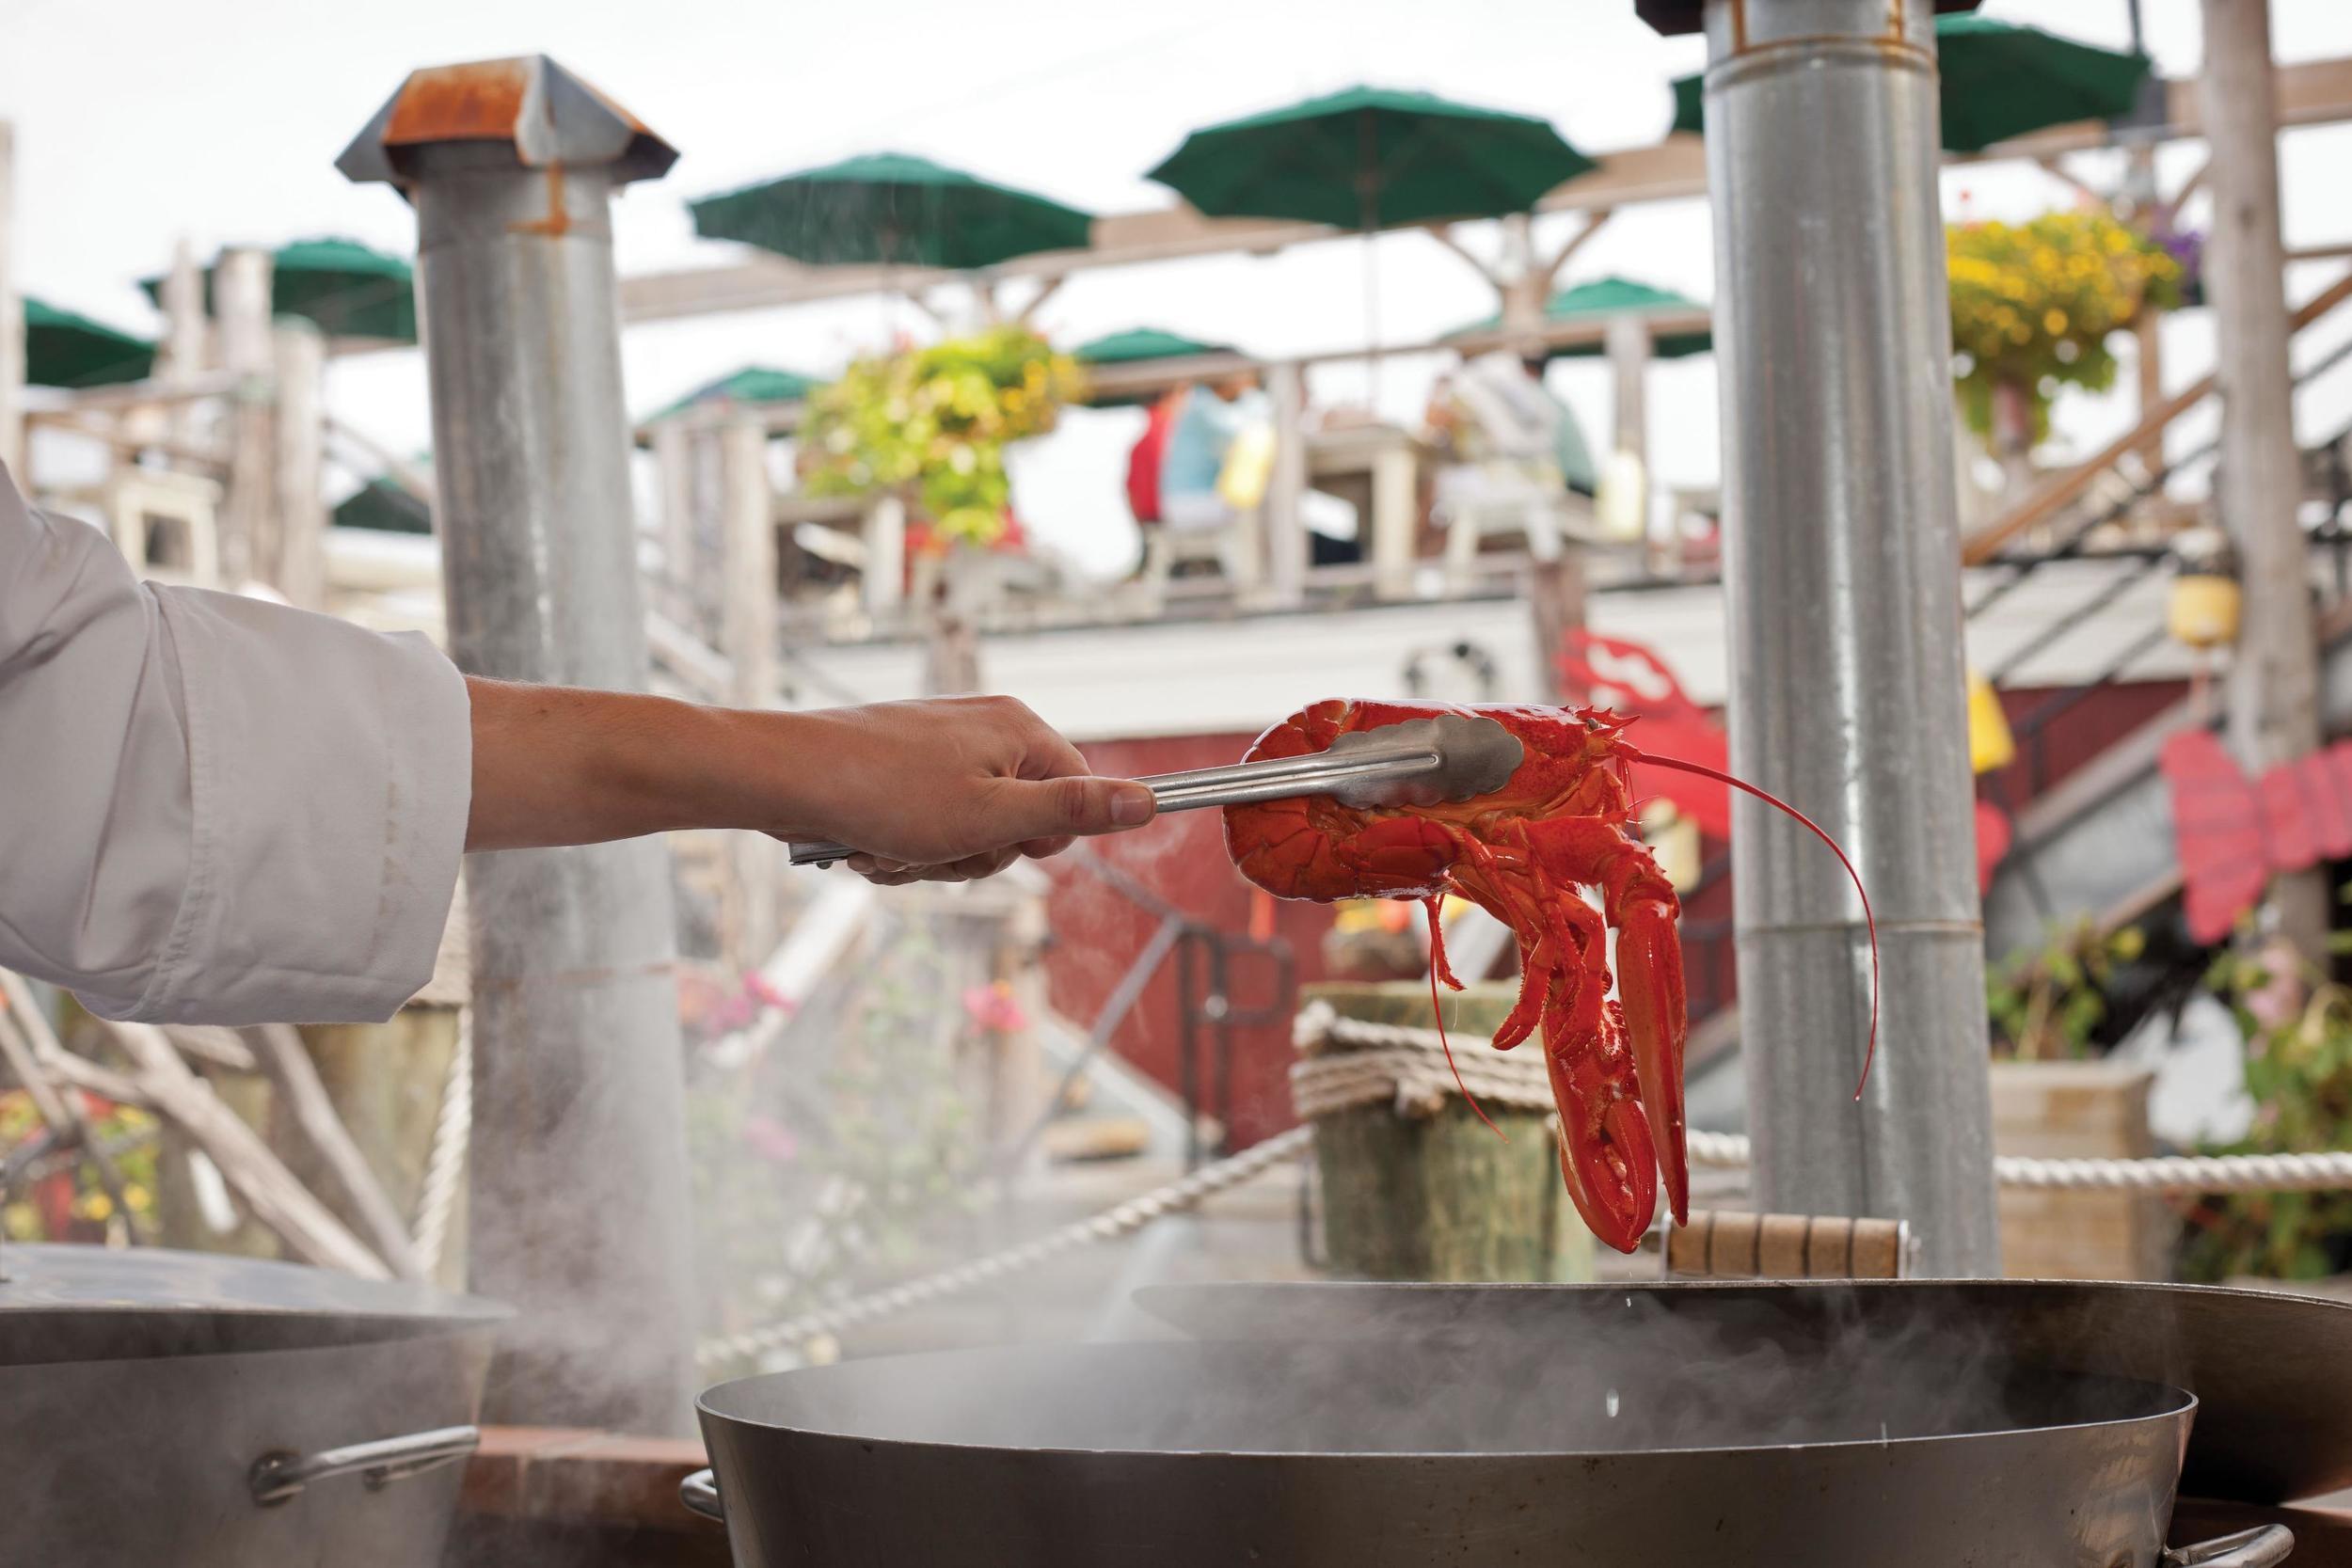 Stewman's Lobster_13726_high.jpg